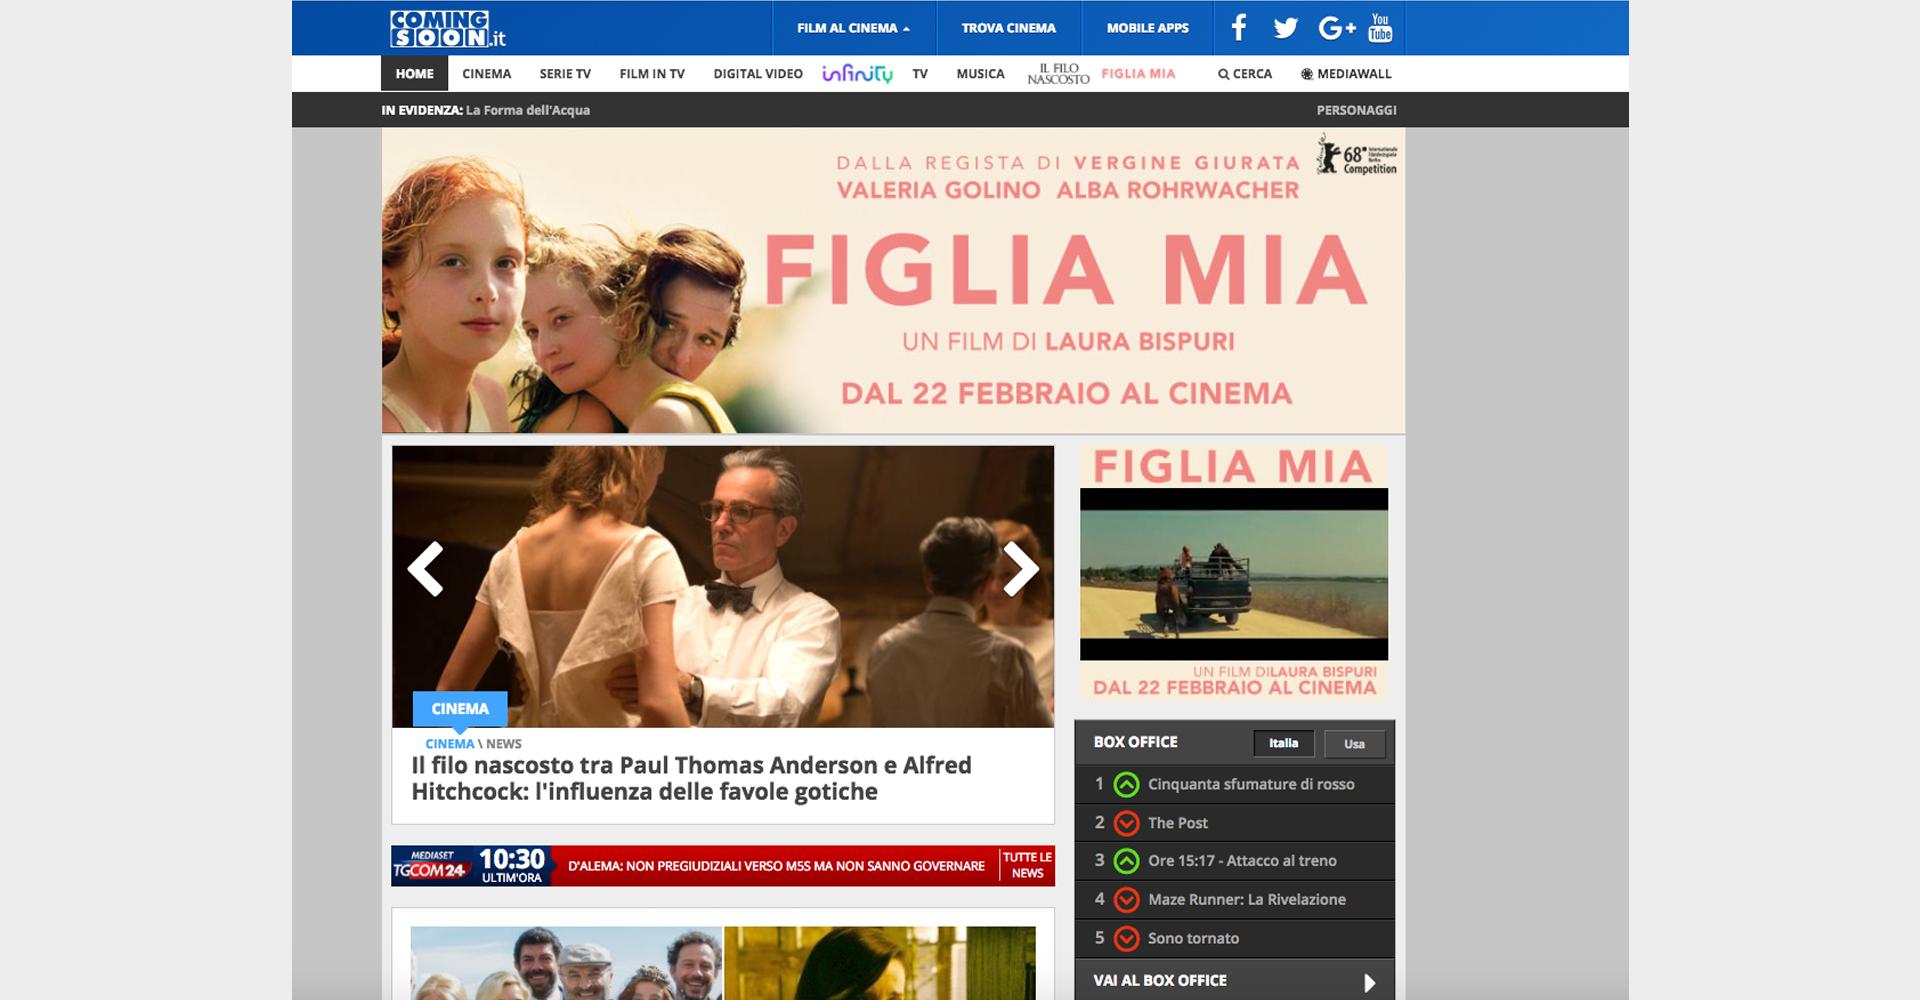 FigliaMia_06